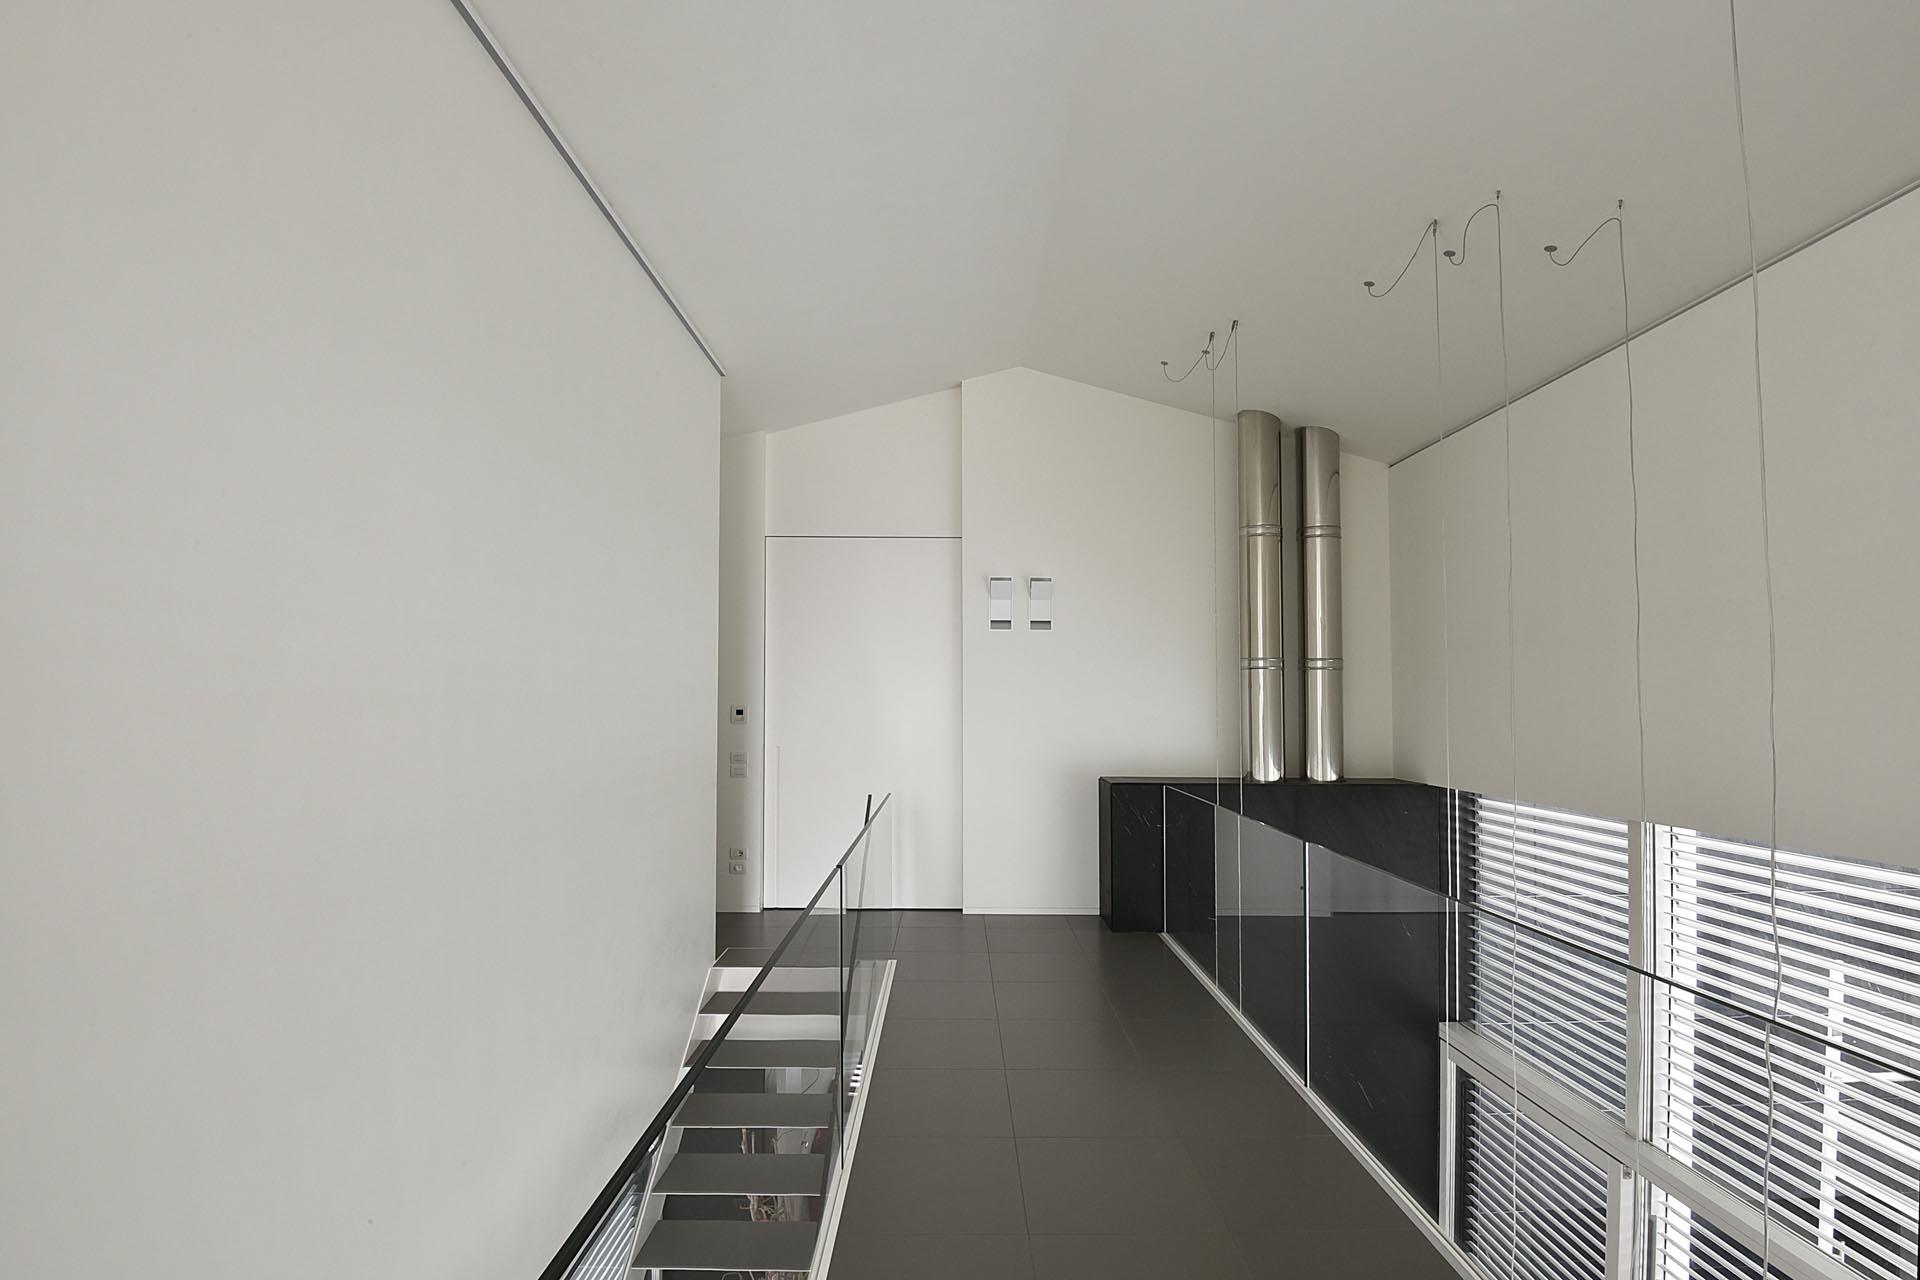 Porta scorrevole con binario a parete evoline3 - Parete cartongesso con porta scorrevole ...